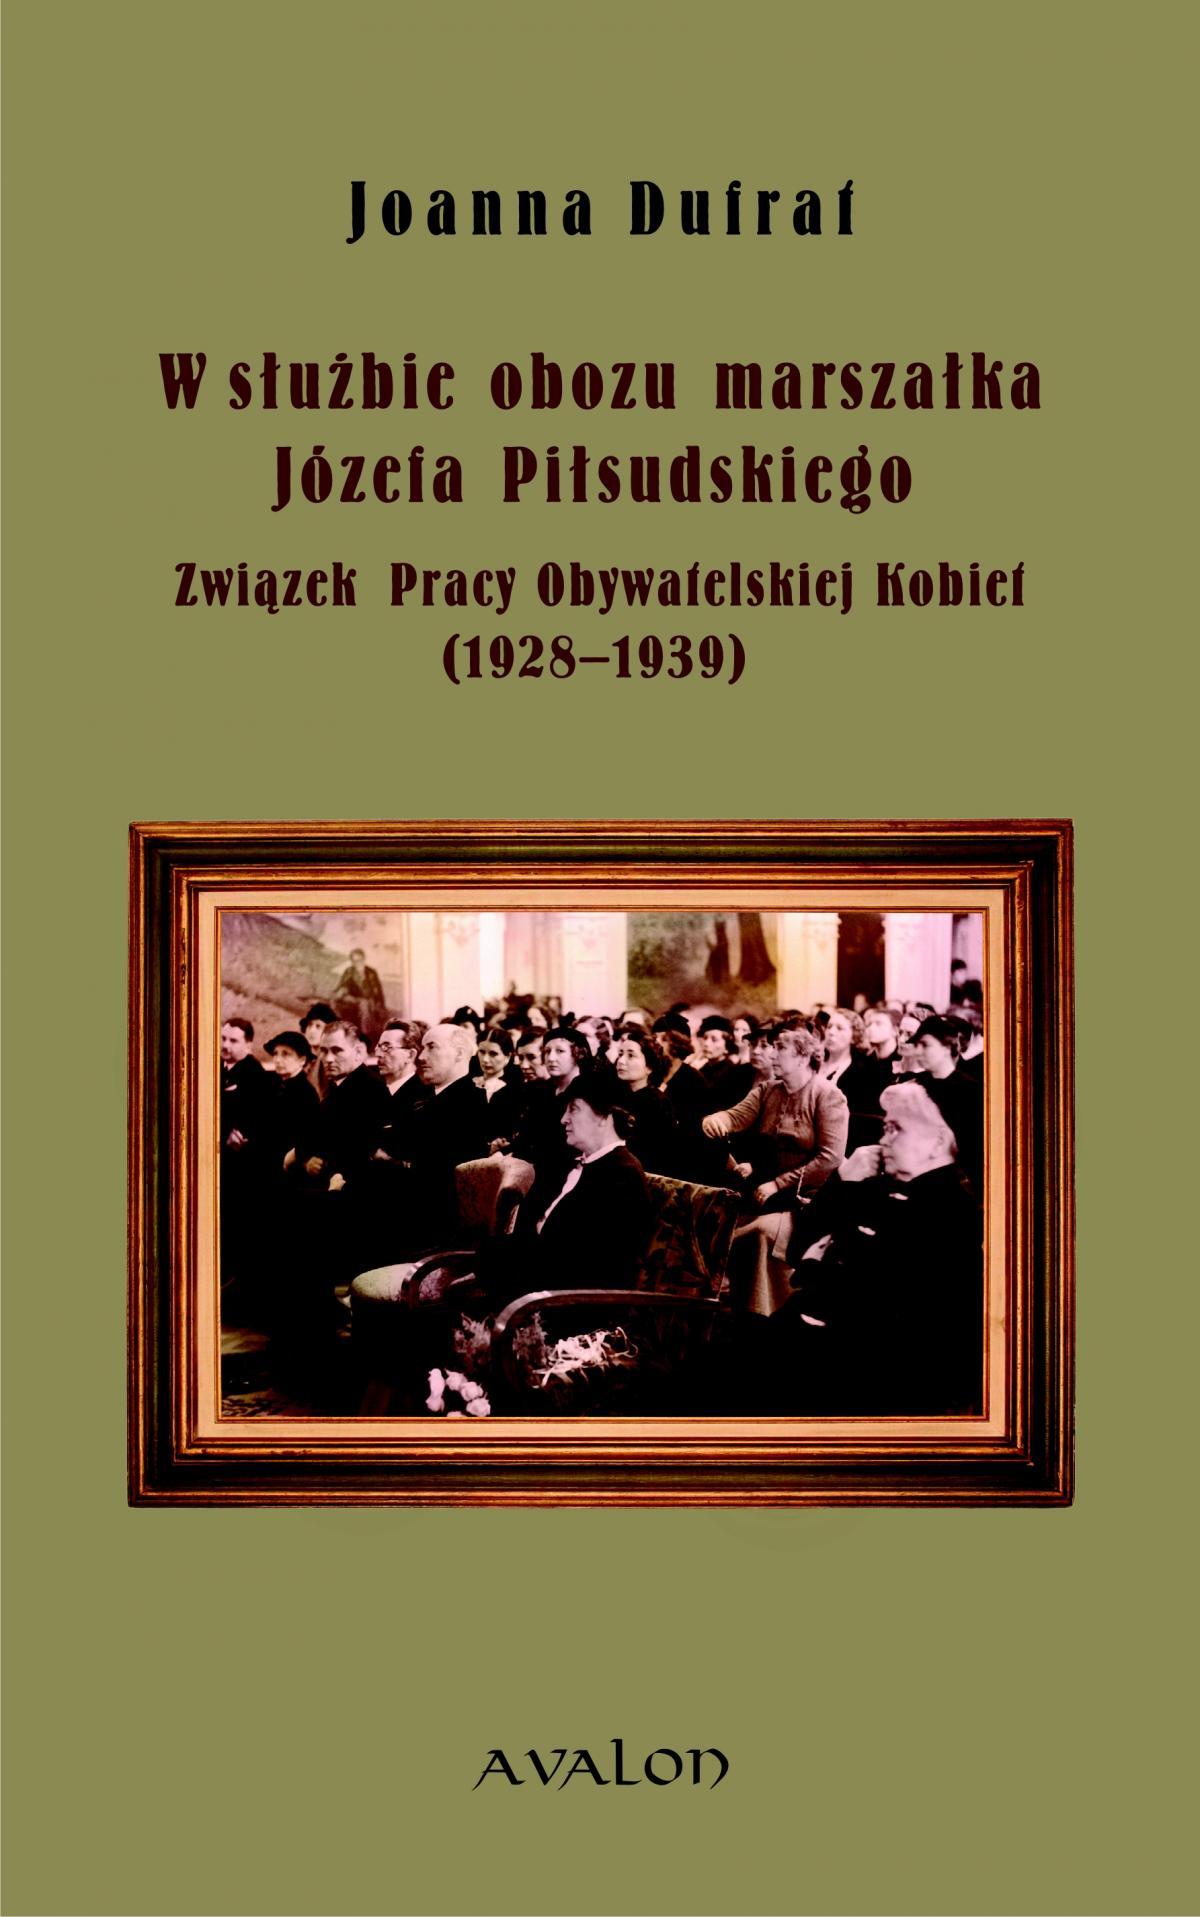 W służbie obozu marszałka Józefa Piłsudskiego. Związek Pracy Obywatelskiej Kobiet (1928-1939) - Ebook (Książka PDF) do pobrania w formacie PDF